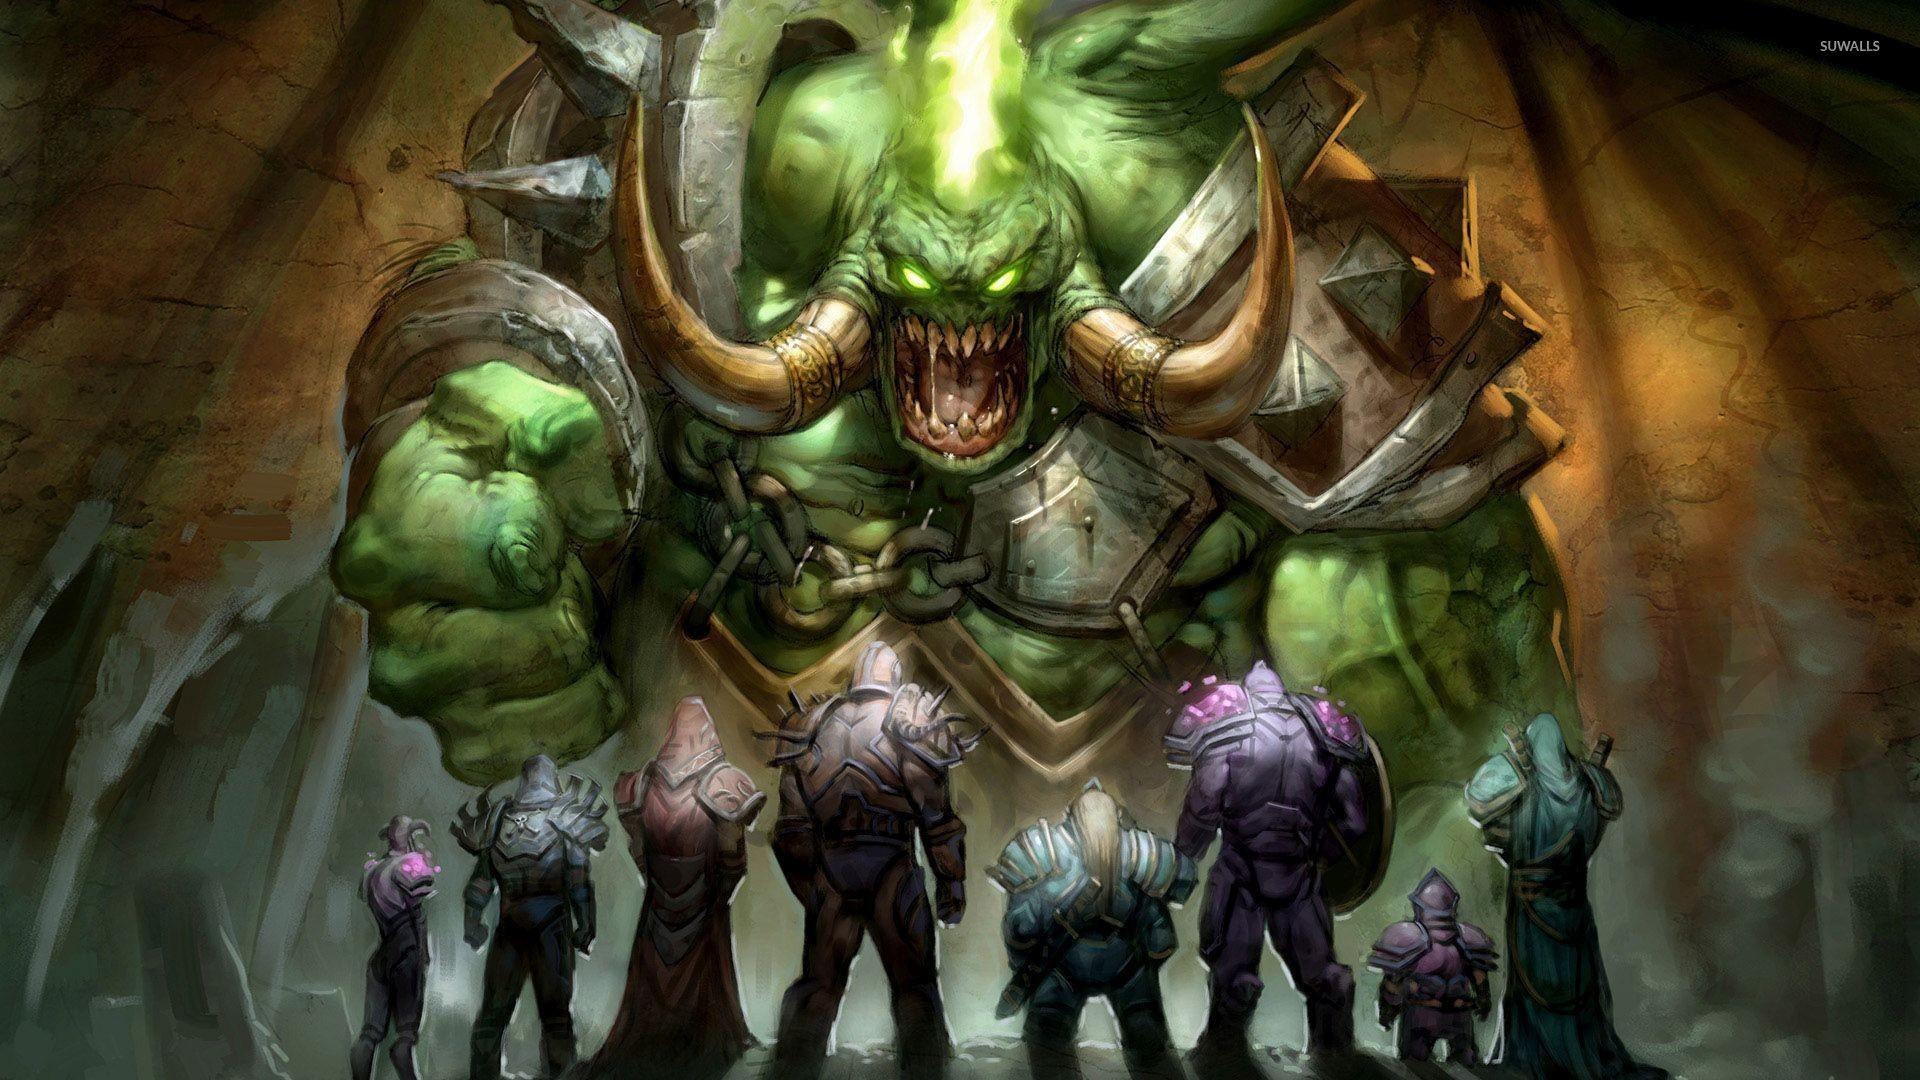 Heroes looking at the giant monster wallpaper jpg